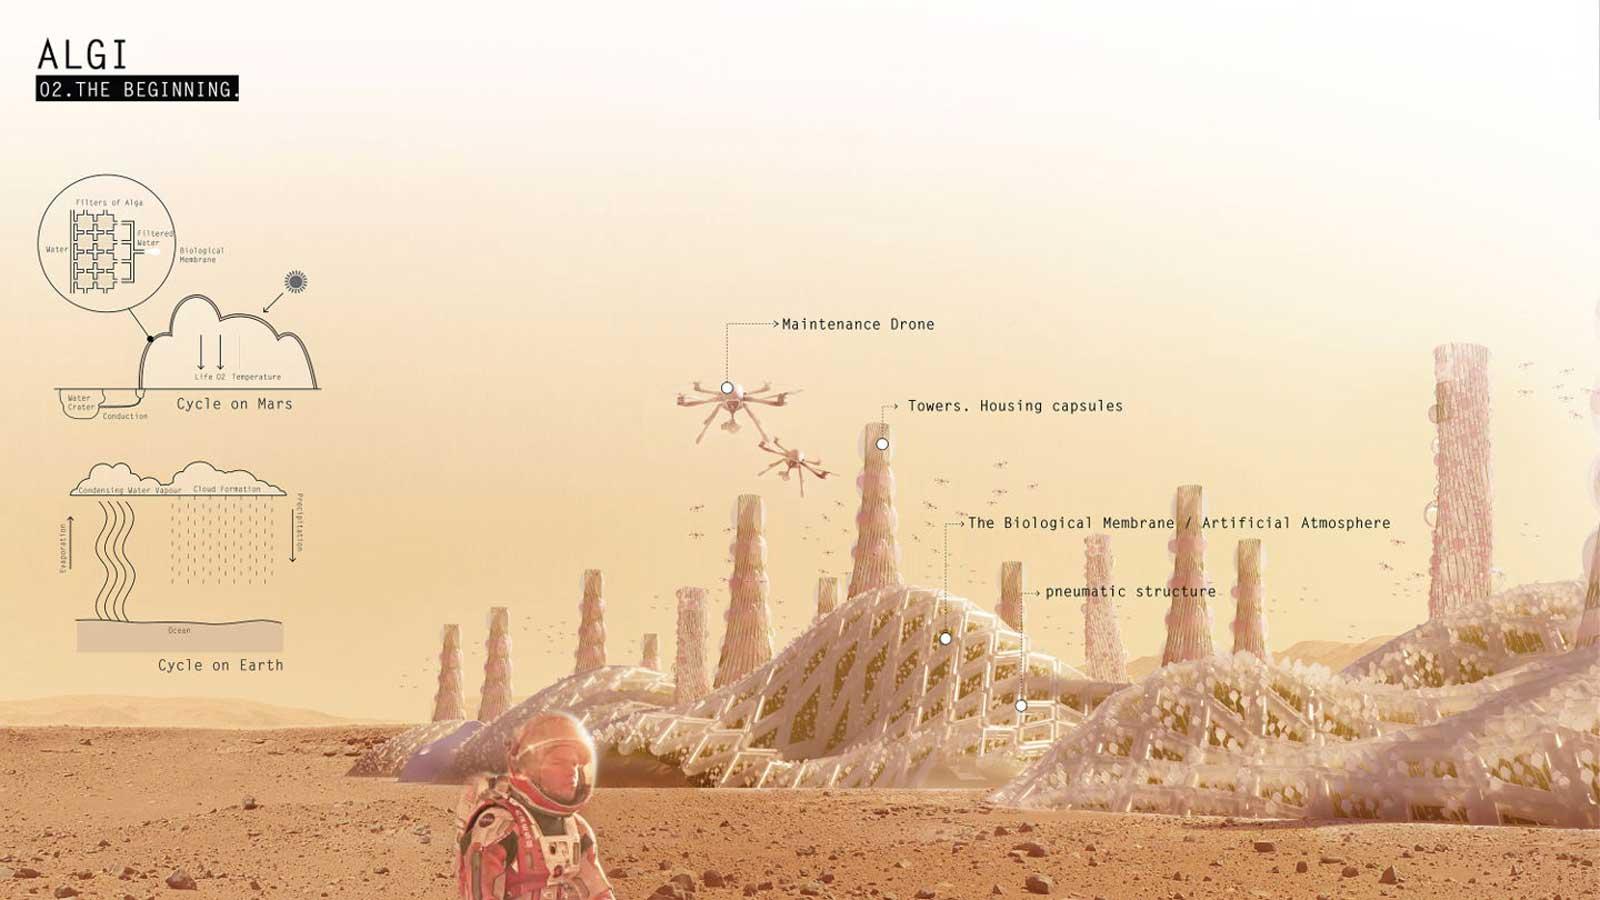 Conquista de Marte HP Mars Home Planet Algi IED Madrid Ecología